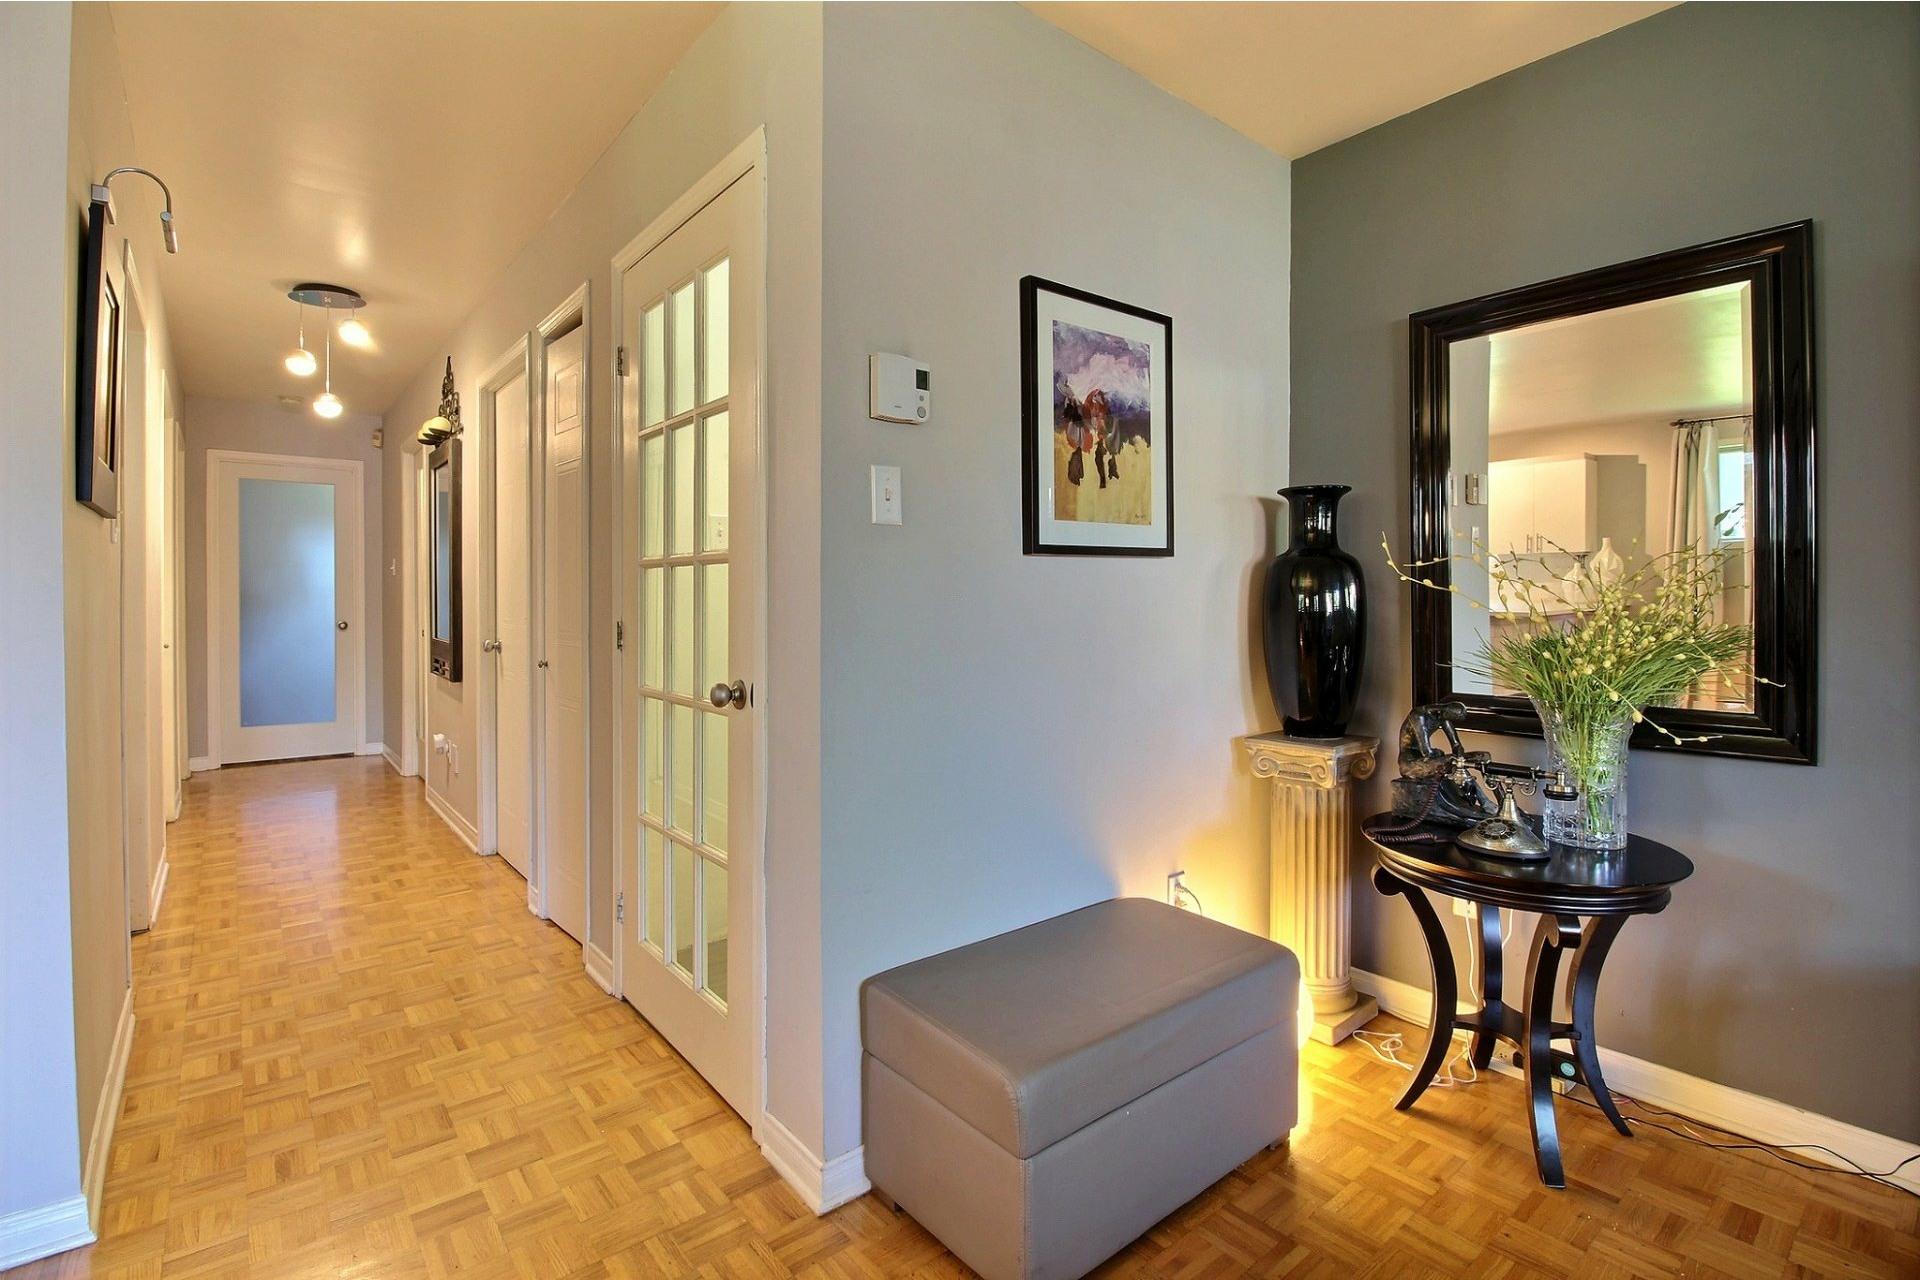 image 12 - Appartement À vendre Montréal Rivière-des-Prairies/Pointe-aux-Trembles  - 5 pièces